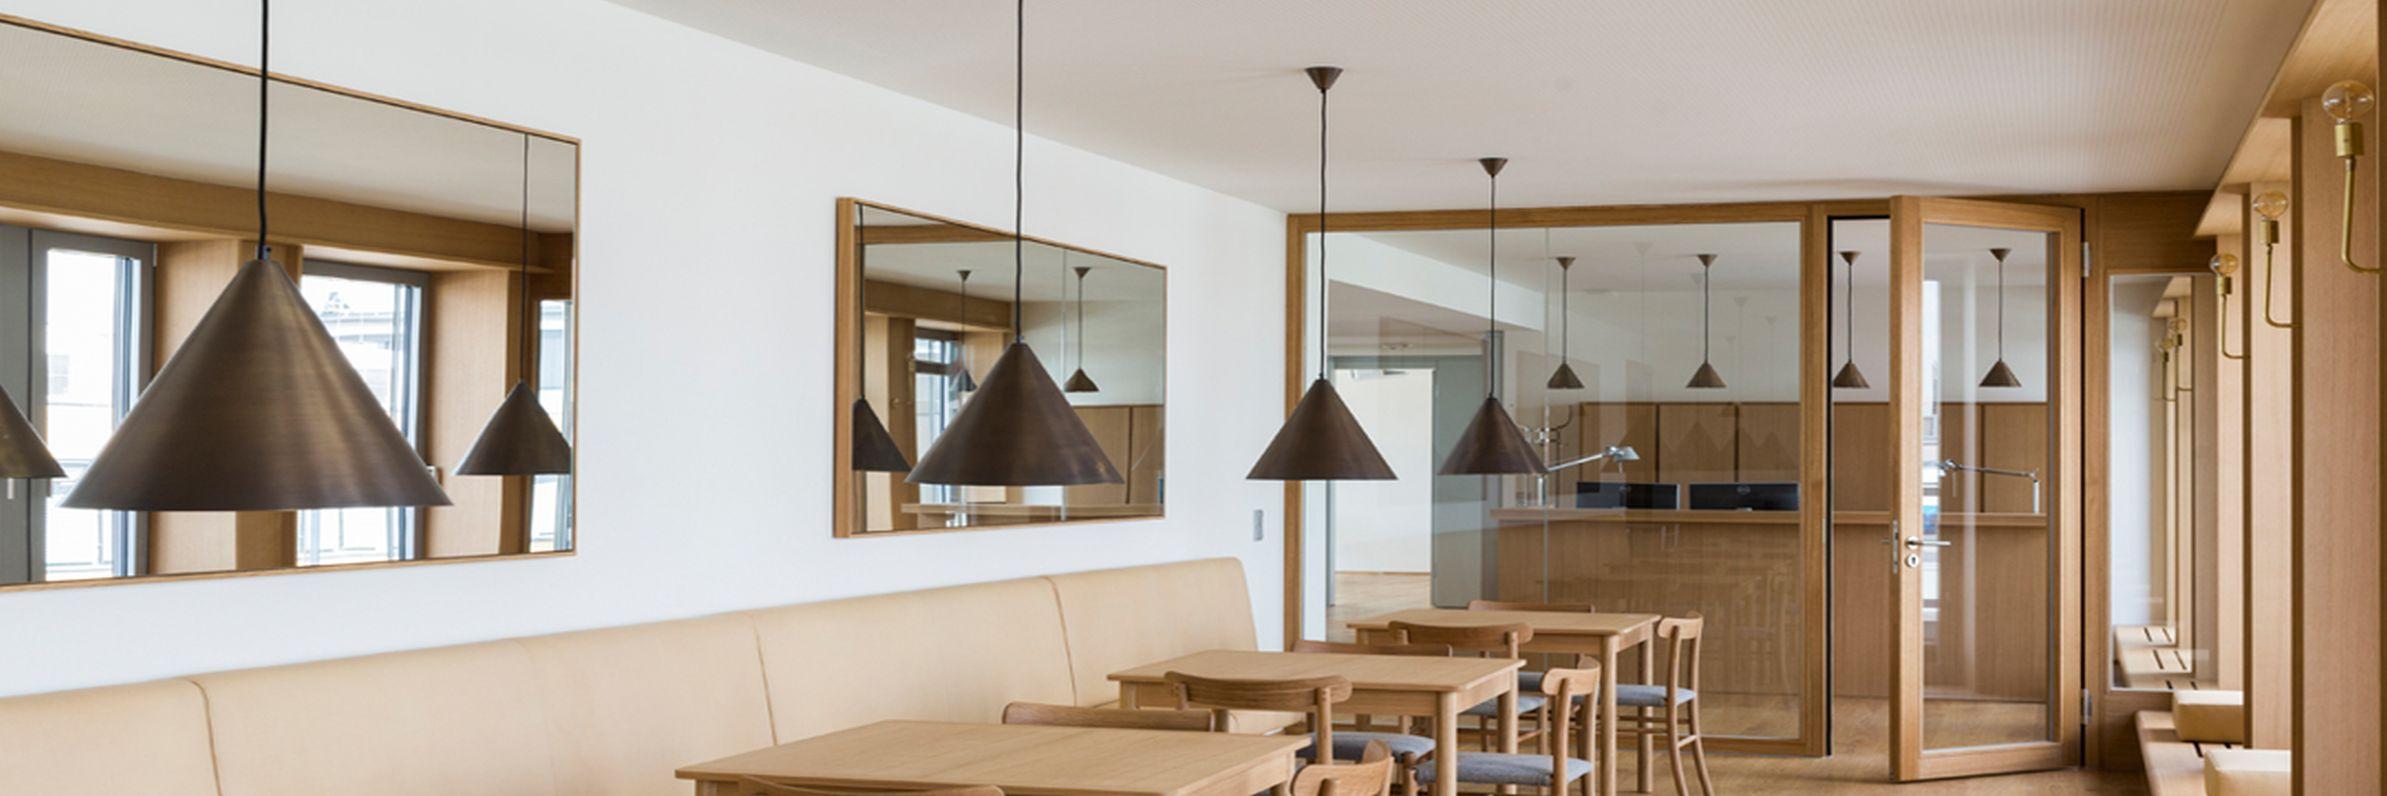 Küchenstudio Freising möbelwerkstätte unger gmbh familienunternehmen für küchen u